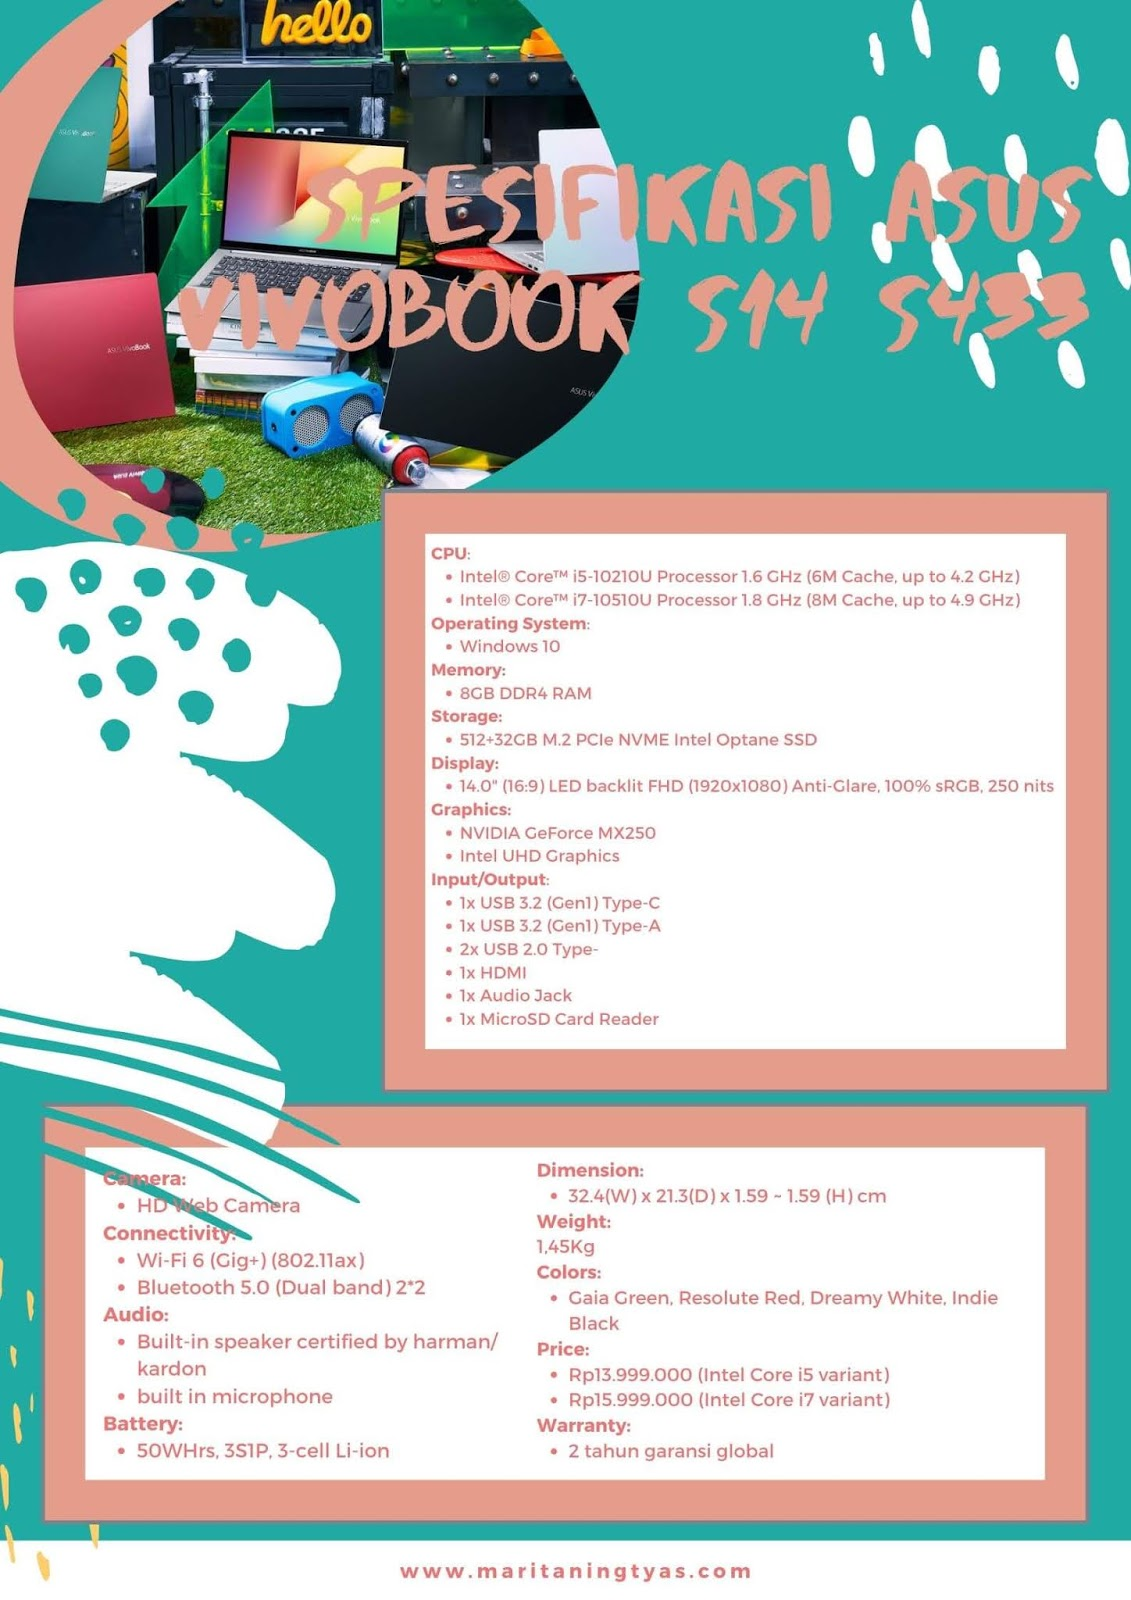 spesifikasi  ASUS VivoBook S14 s433